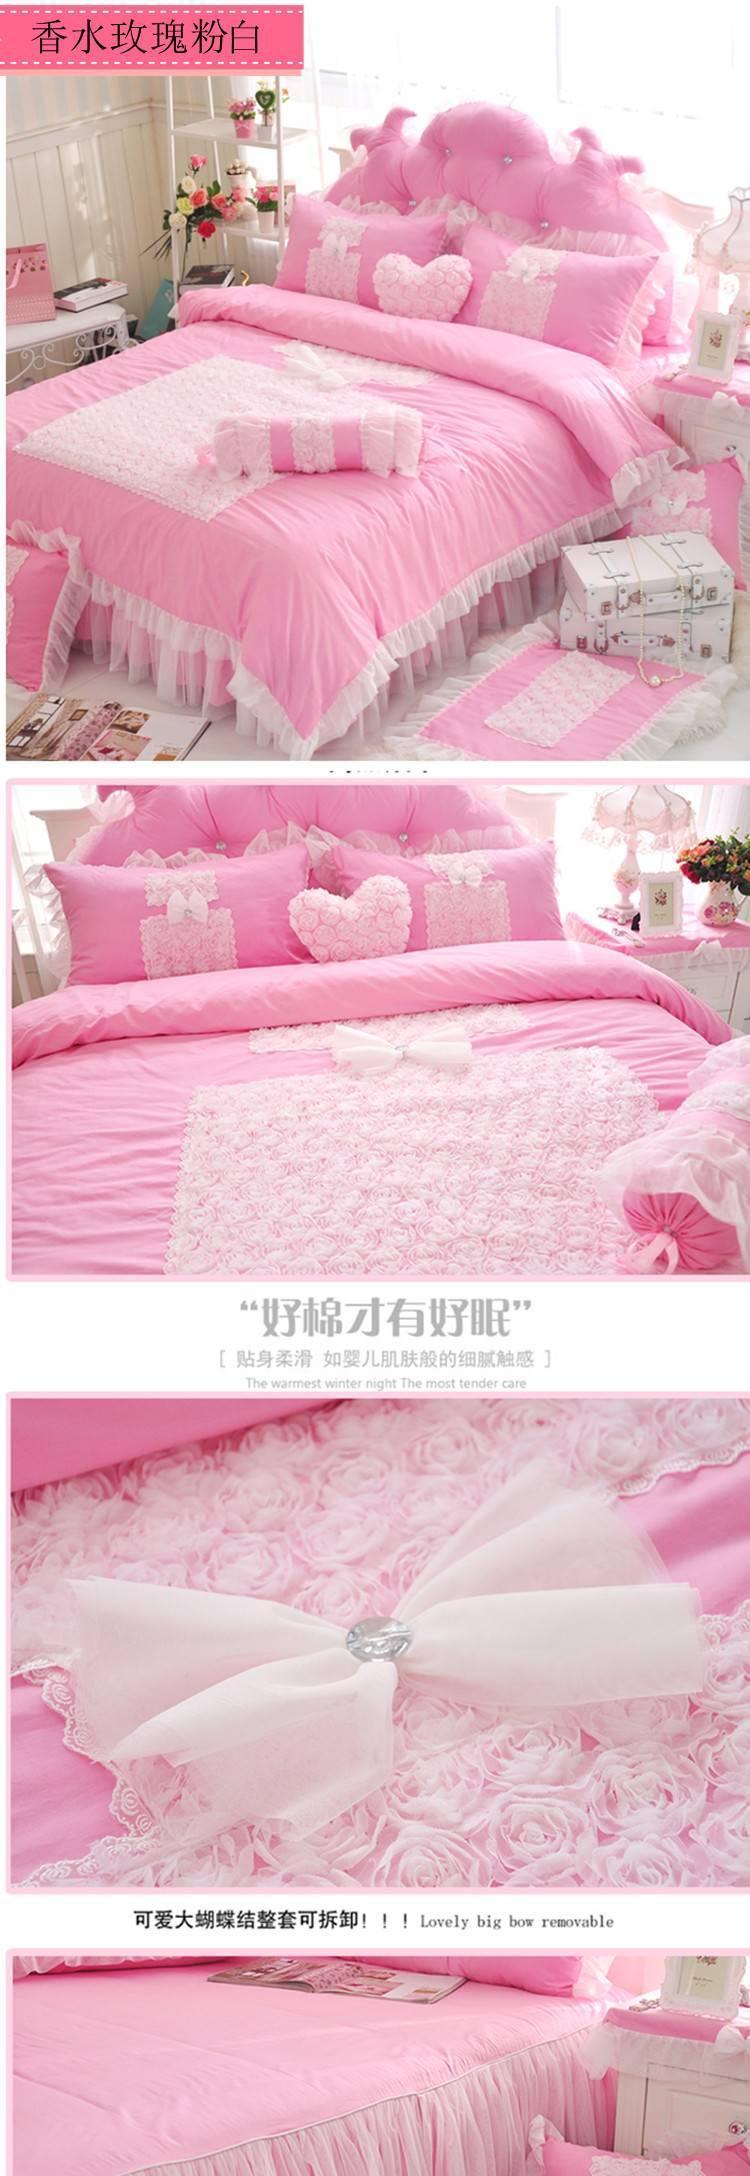 韩式全棉家纺蕾丝公主粉色梦幻三四件套韩版纯棉被套床裙婚庆家纺示例图6